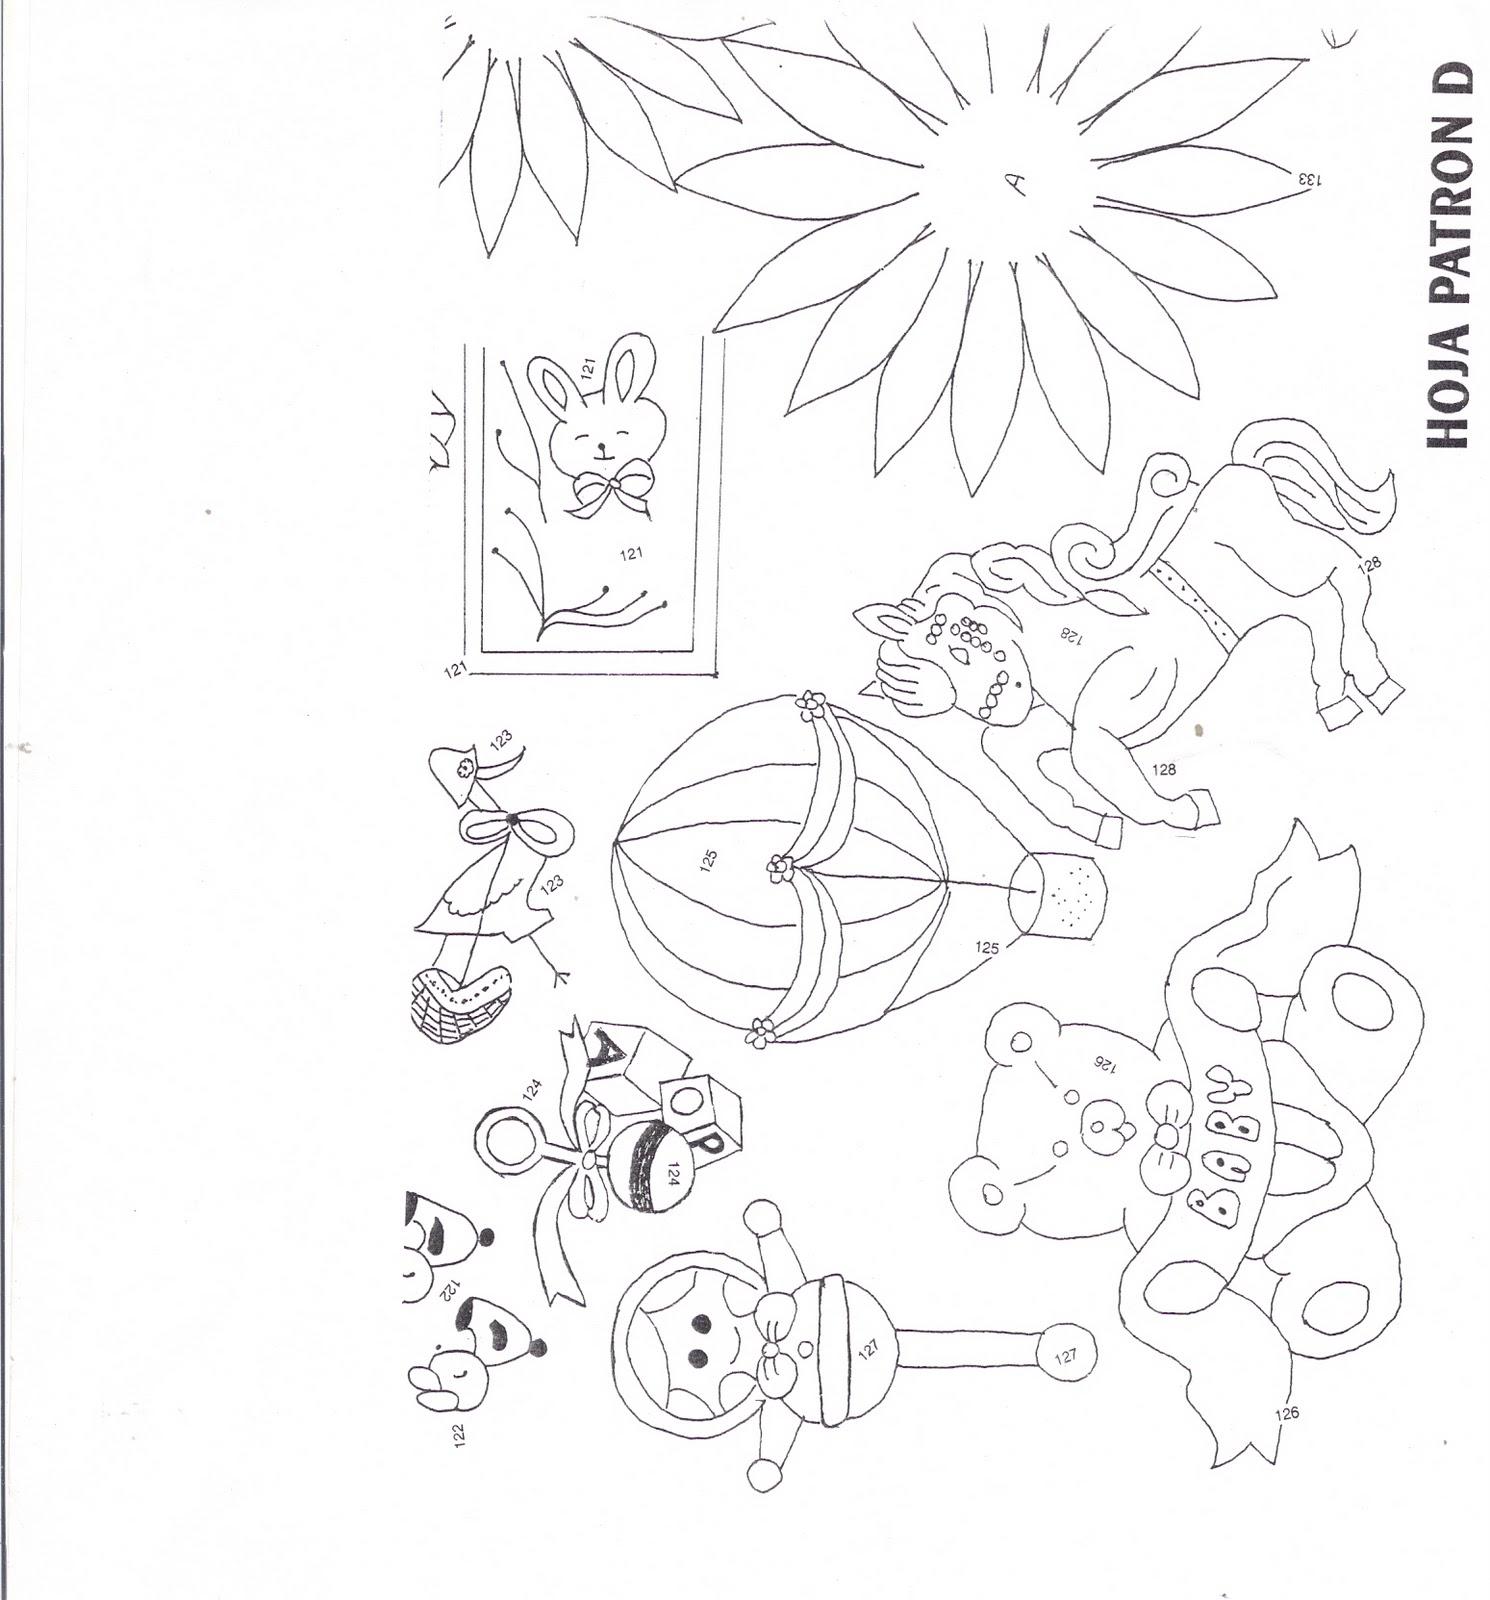 Publicado por MIS TEJIDOS Y ALGO MAS Creado en 10/25/2010